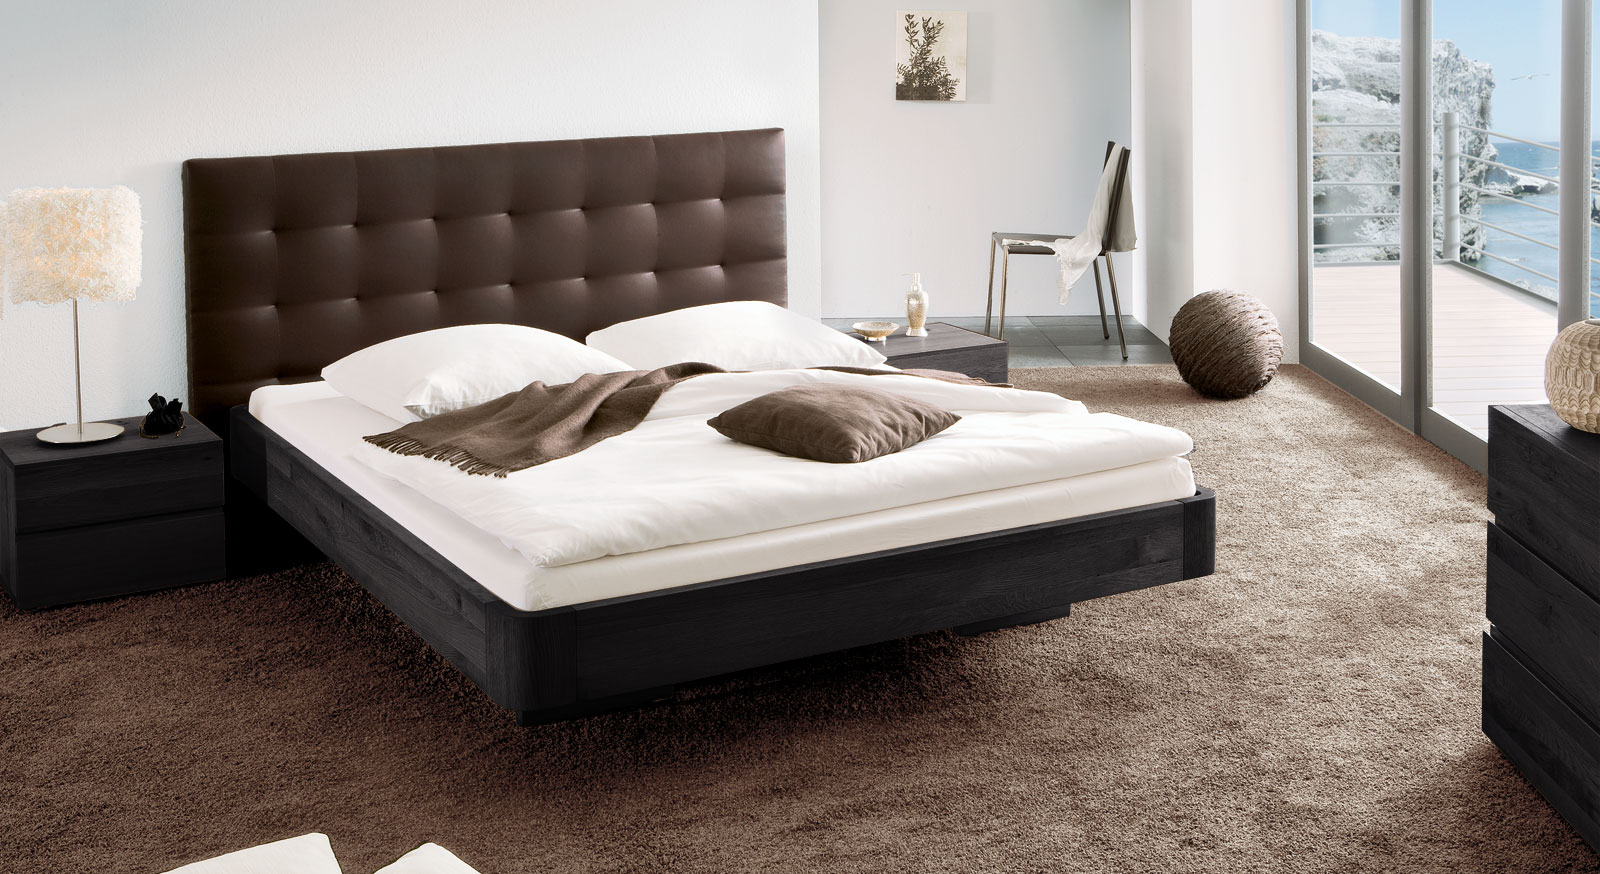 Bett Panama mit braunem Kunstleder und aus Eiche graphit